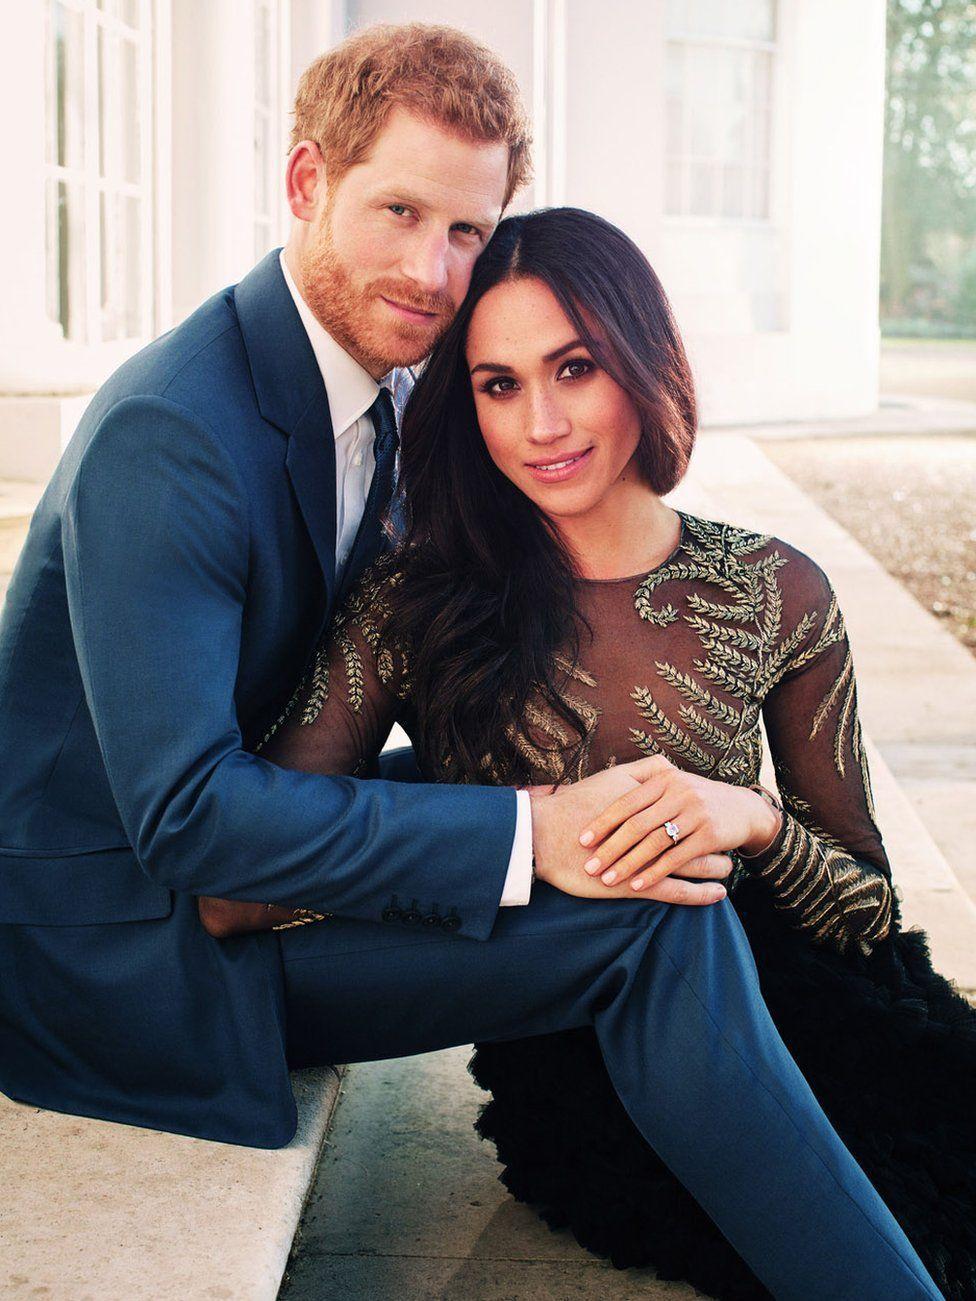 梅根與哈利王子的婚後生活也是各方關注的焦點。圖/路透資料照片